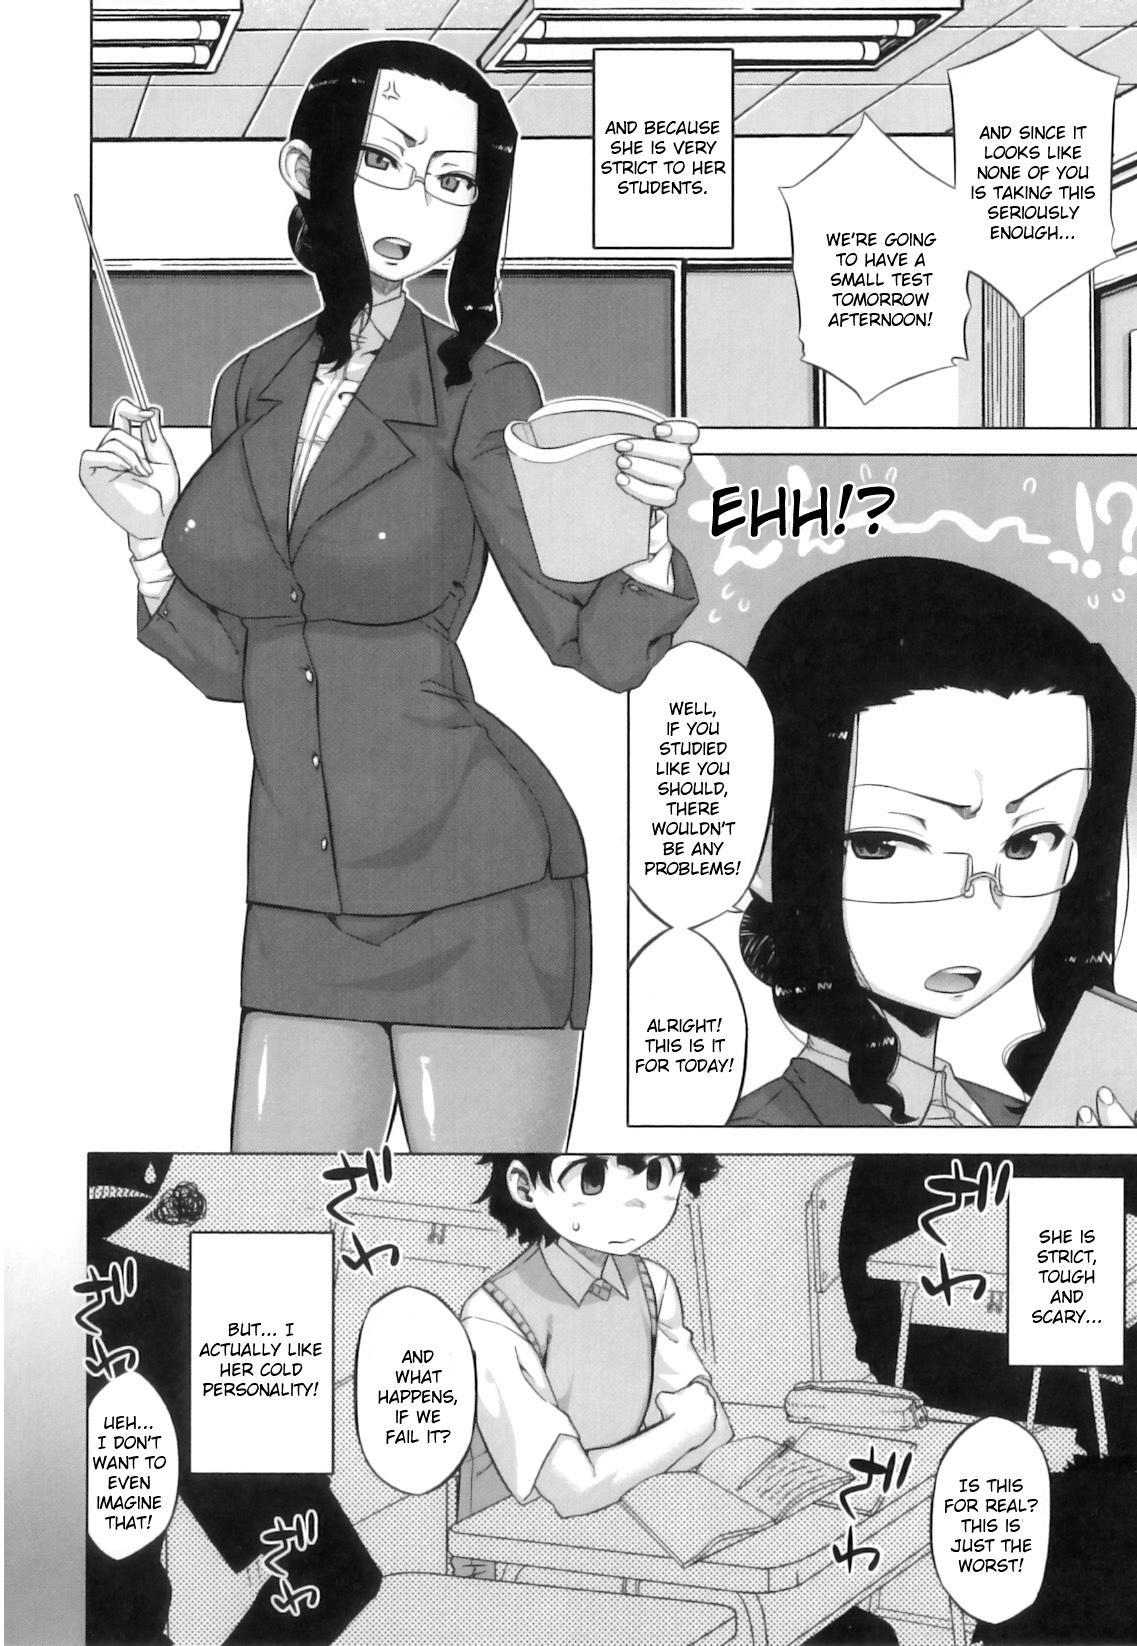 [Takatsu] DH! ~Himorogi Hyaku Yome Gatari~ | Demon-Hentai! - Shrine of One Hundred Wives [English] {doujin-moe.us} 192